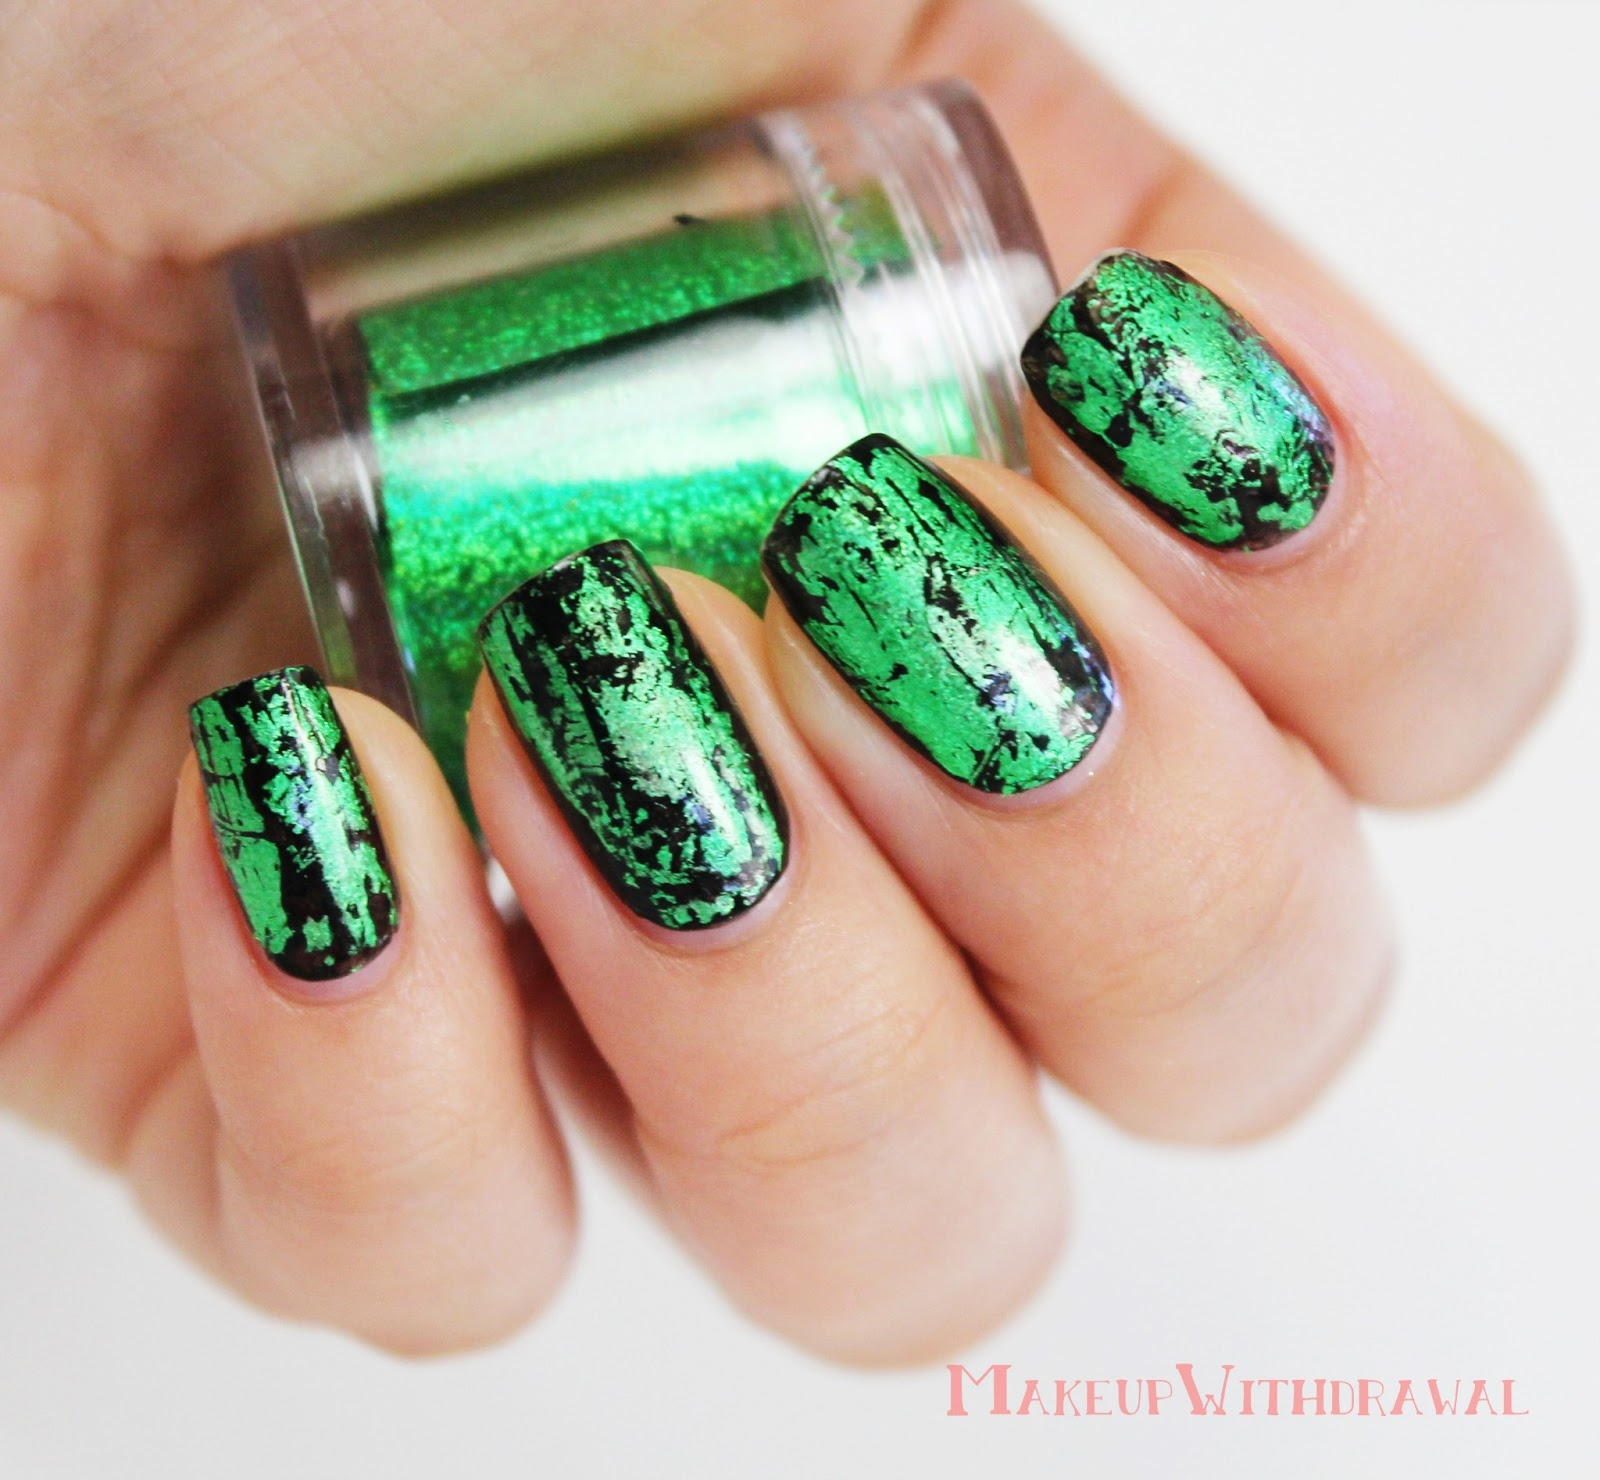 31 Day Nail Challenge V2 Green Nails Makeup Withdrawal